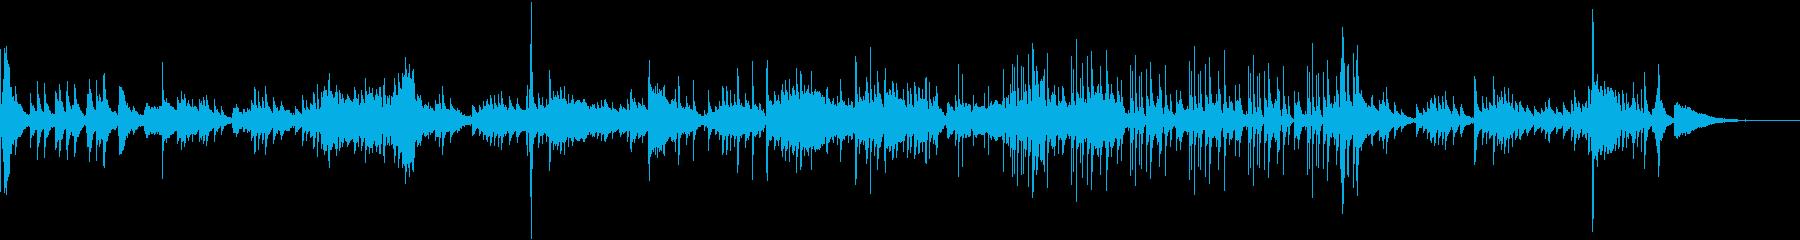 中国風の楽器による軽快な曲の再生済みの波形